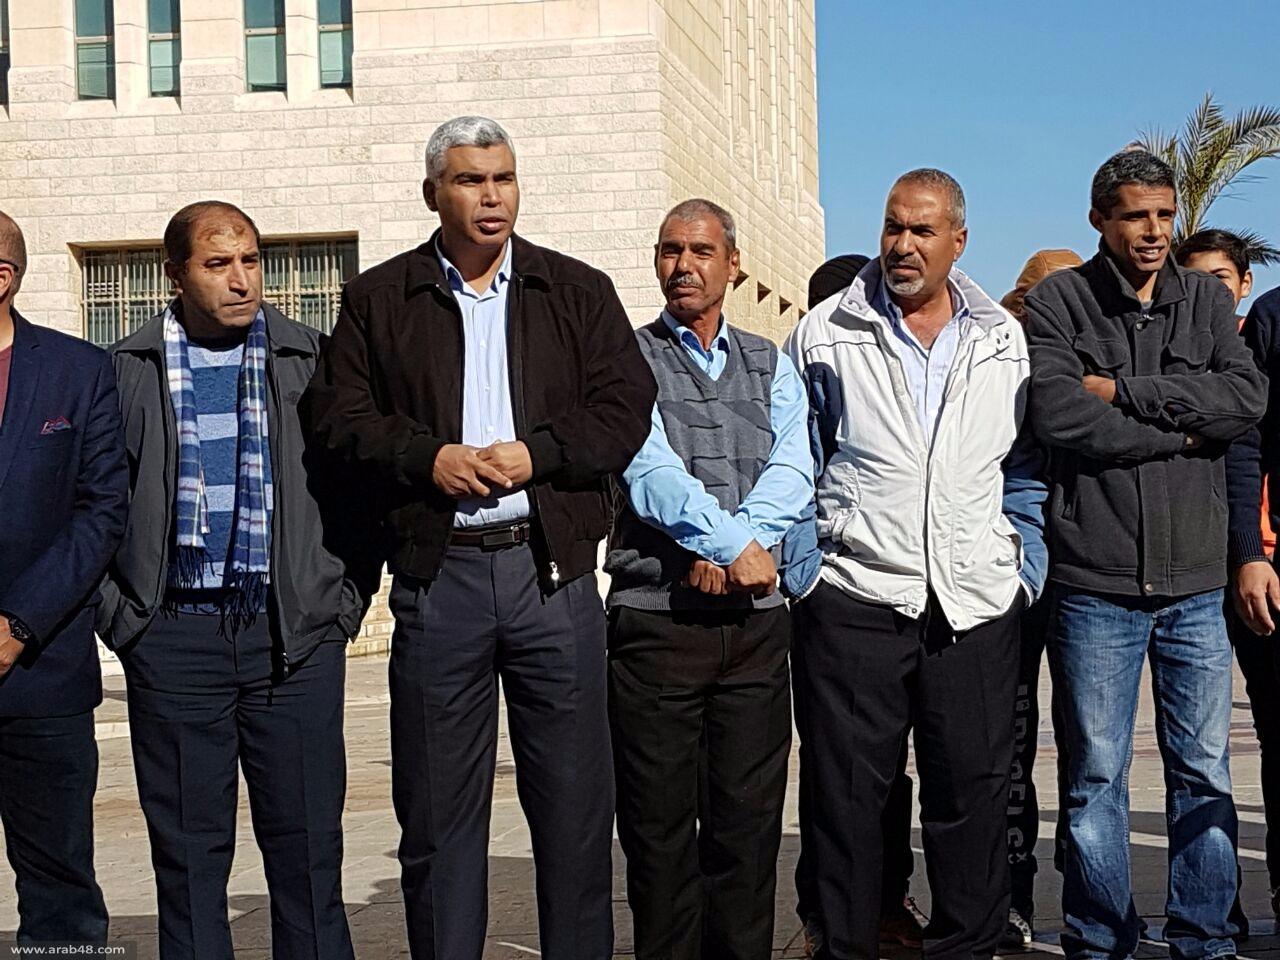 النقب: تظاهرة احتجاجية ضد سياسة الترحيل